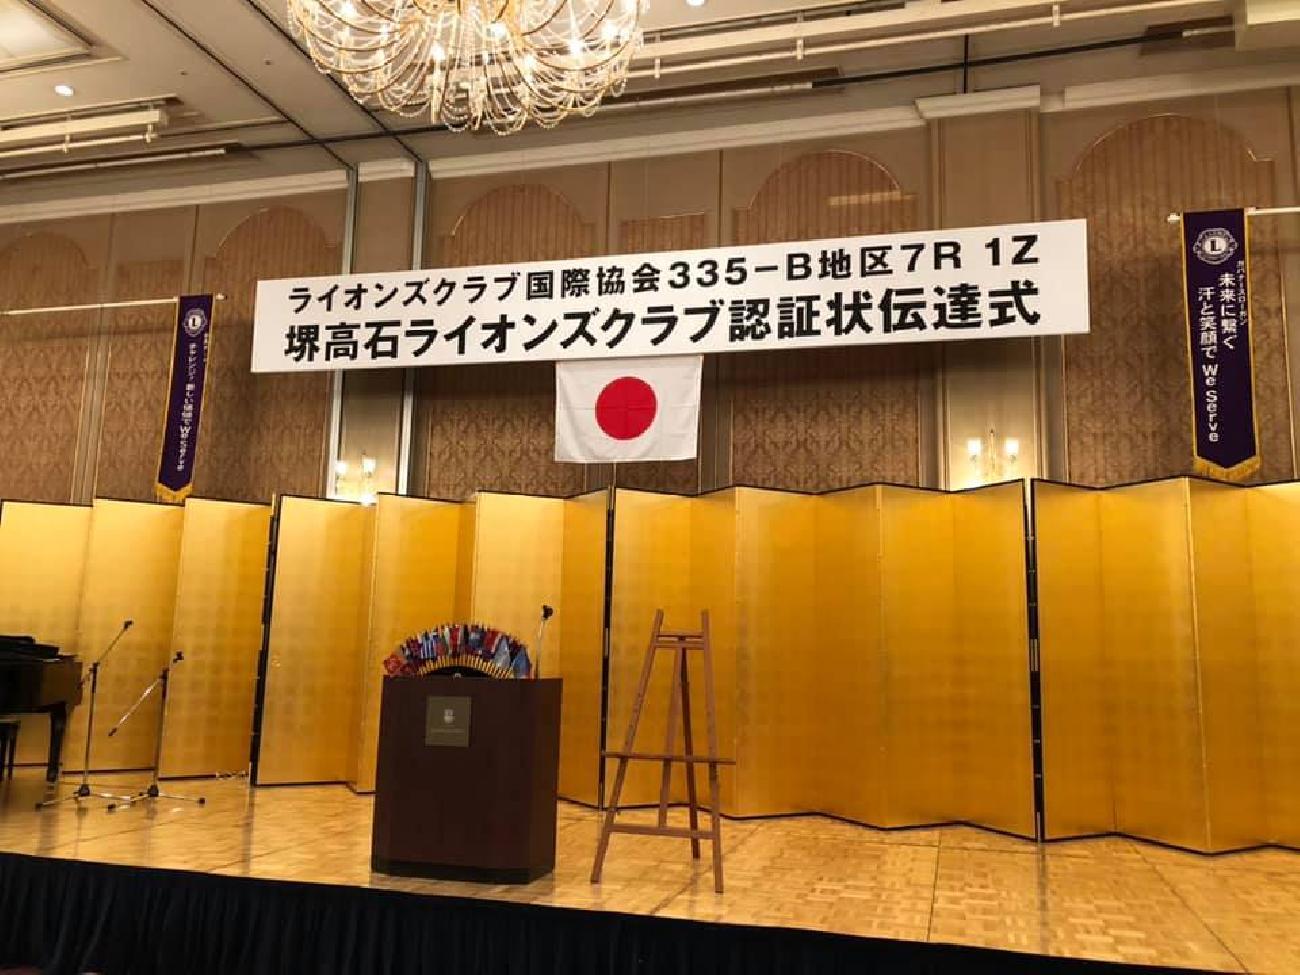 堺高石ライオンズクラブ認証状伝達式にクラブメンバー全員で参加